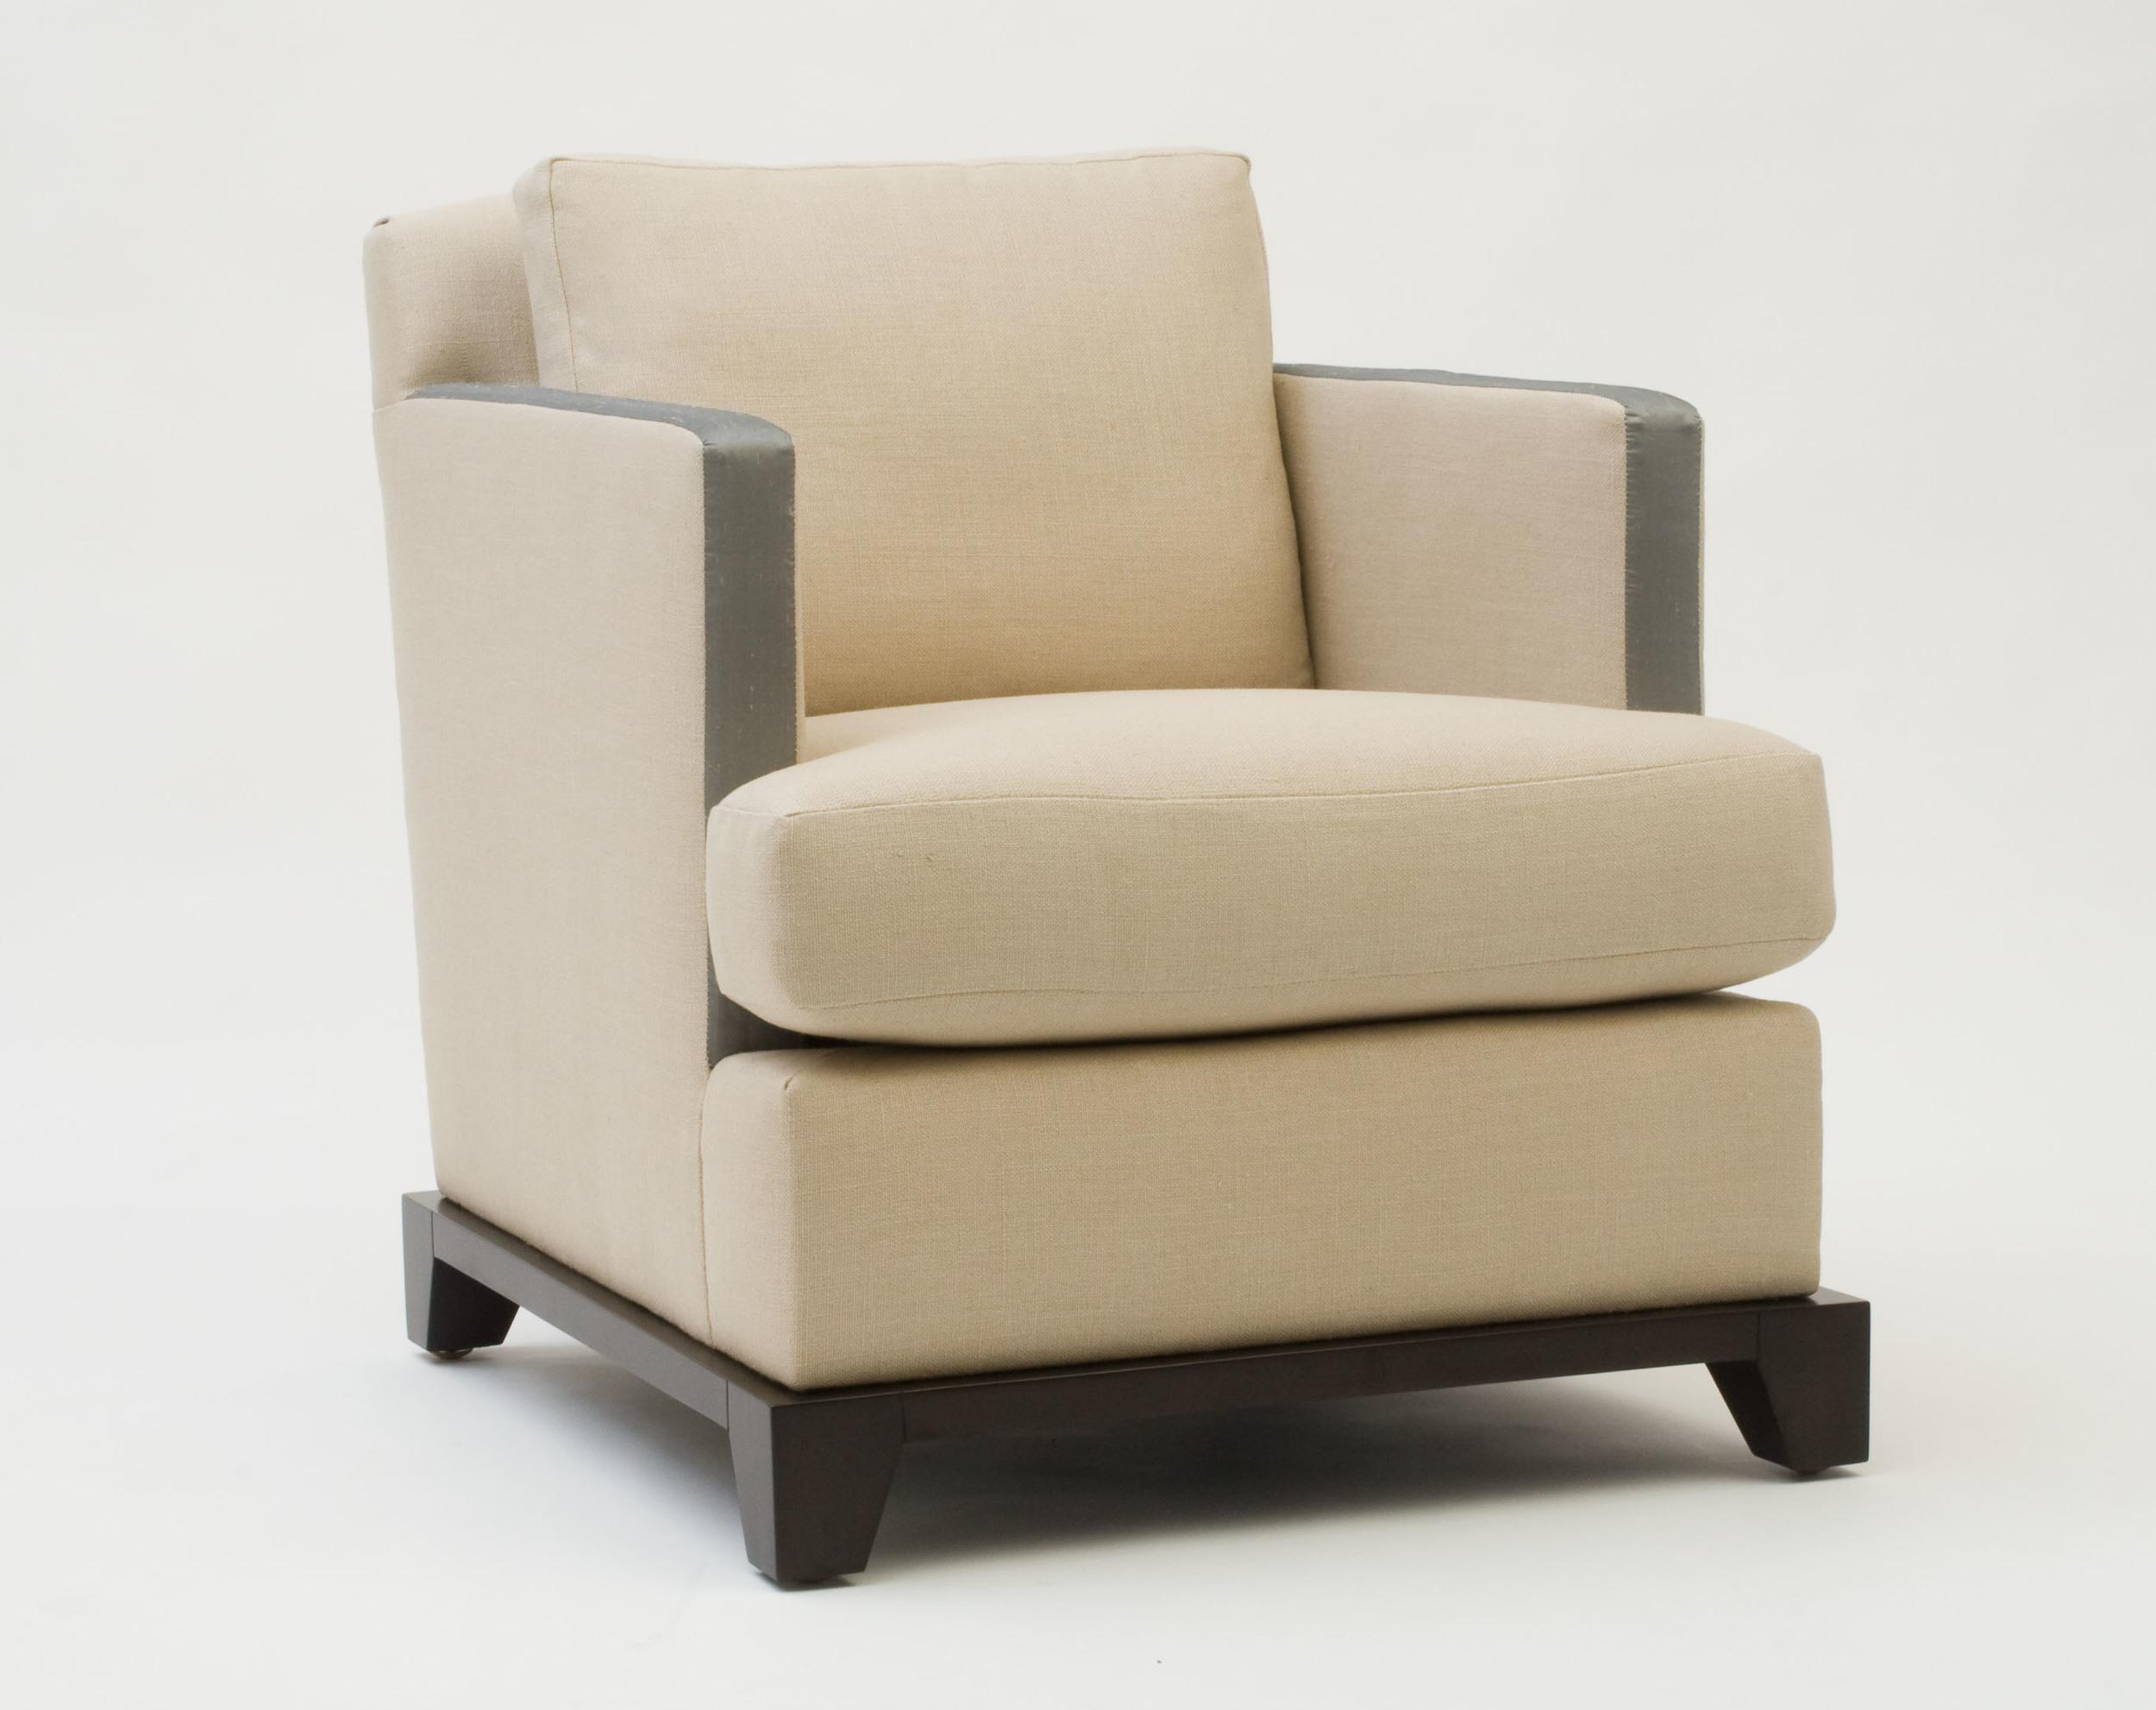 6th chair.jpg